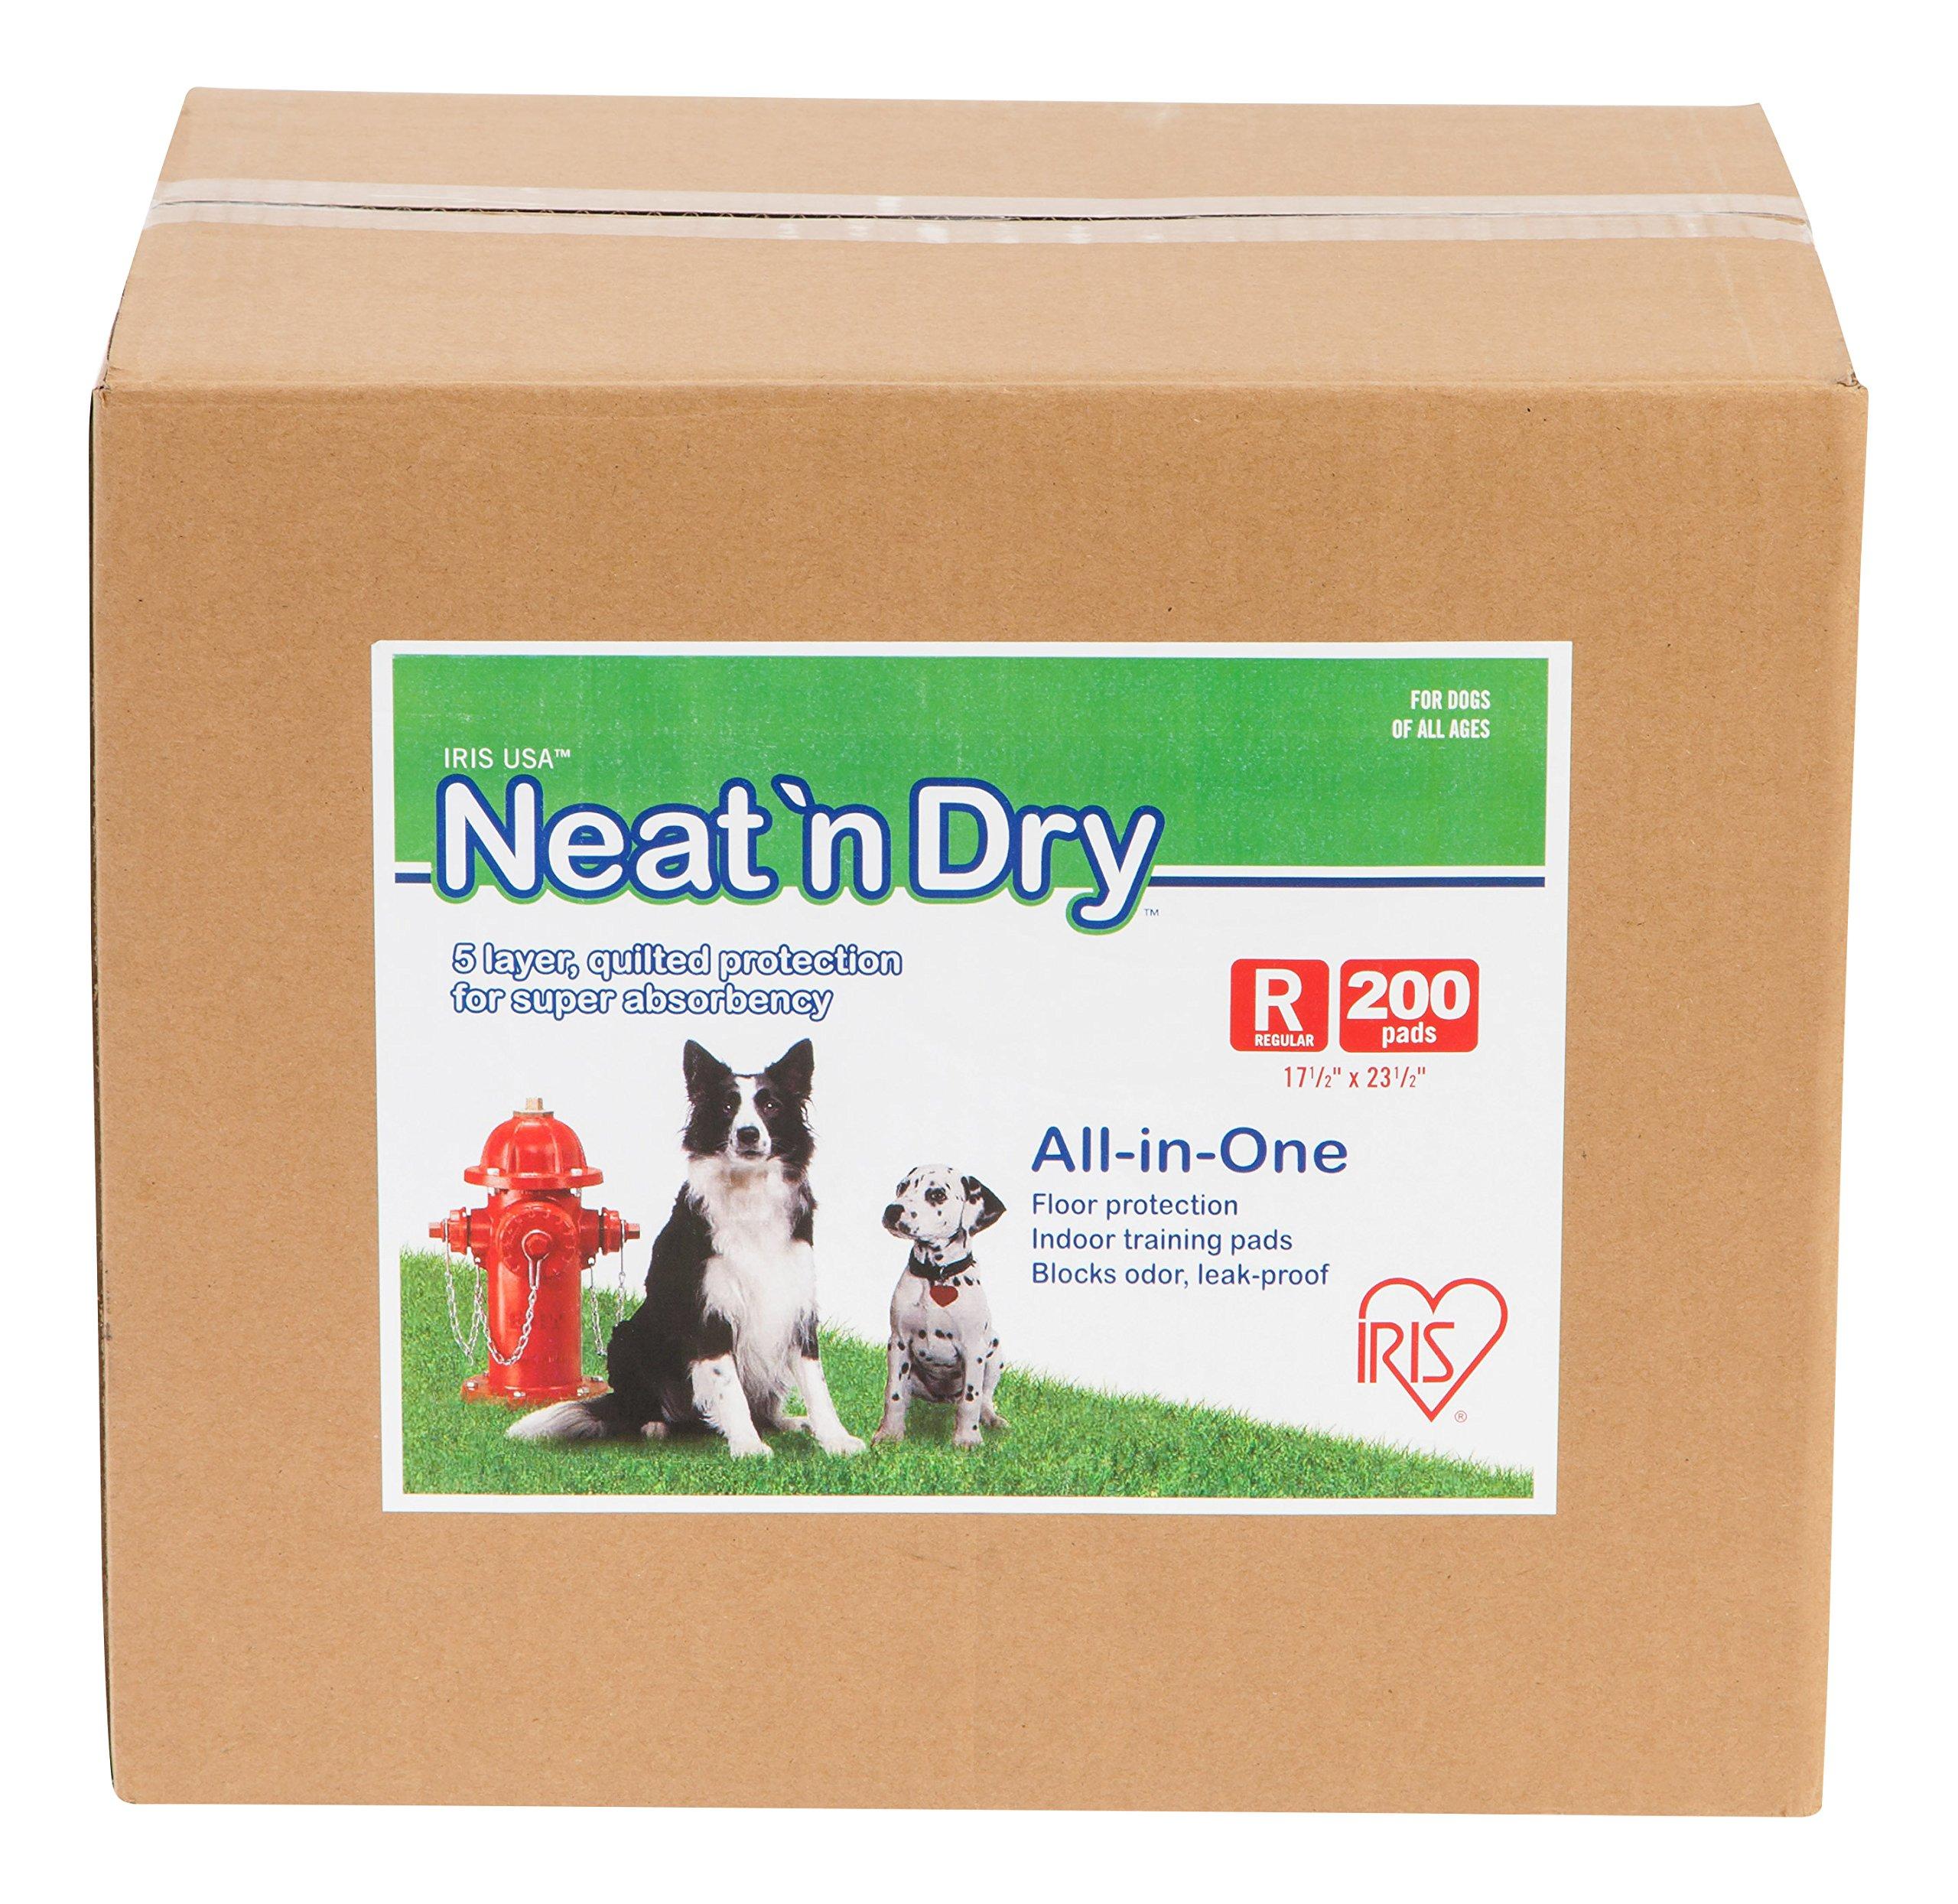 IRIS Neat 'n Dry Premium Pet Training Pads, Regular,  17.5'' x 23.5'', 200 Count by IRIS USA, Inc.